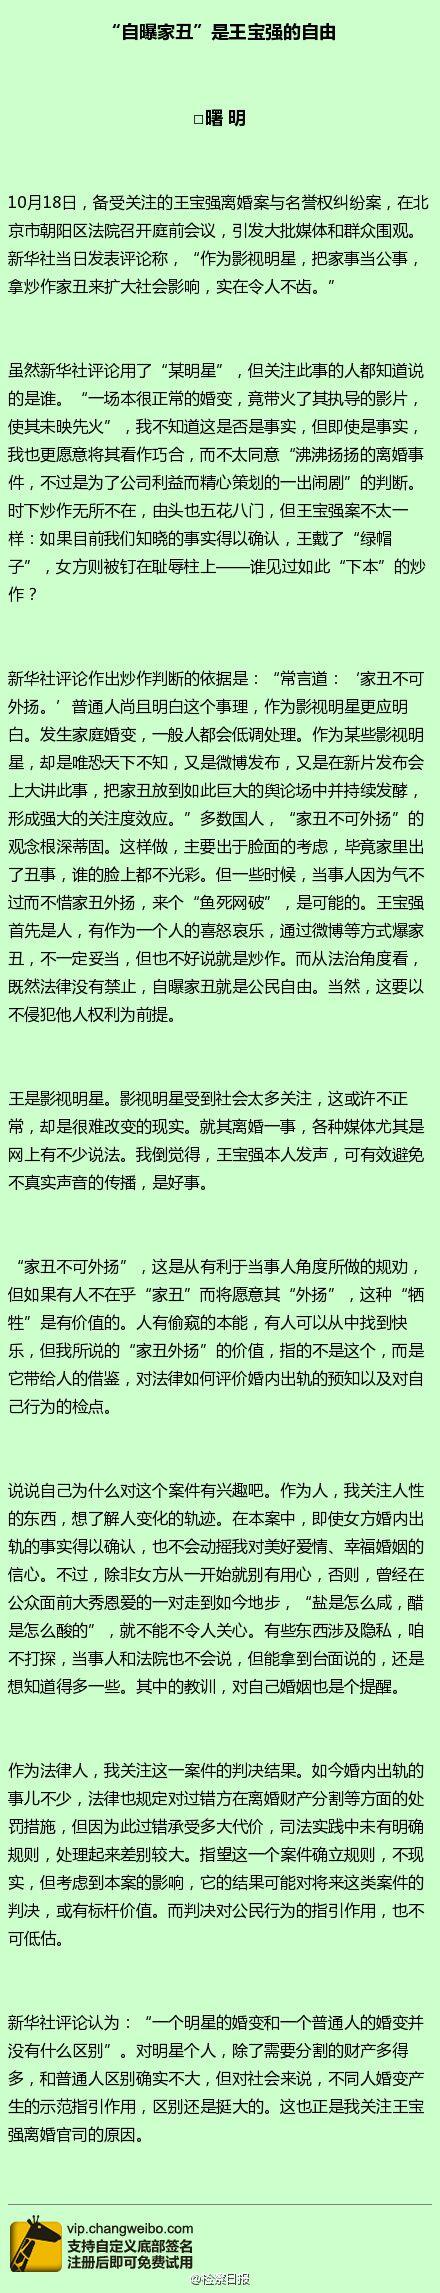 王寶強,離婚,檢察日報(圖/翻攝自檢察日報)